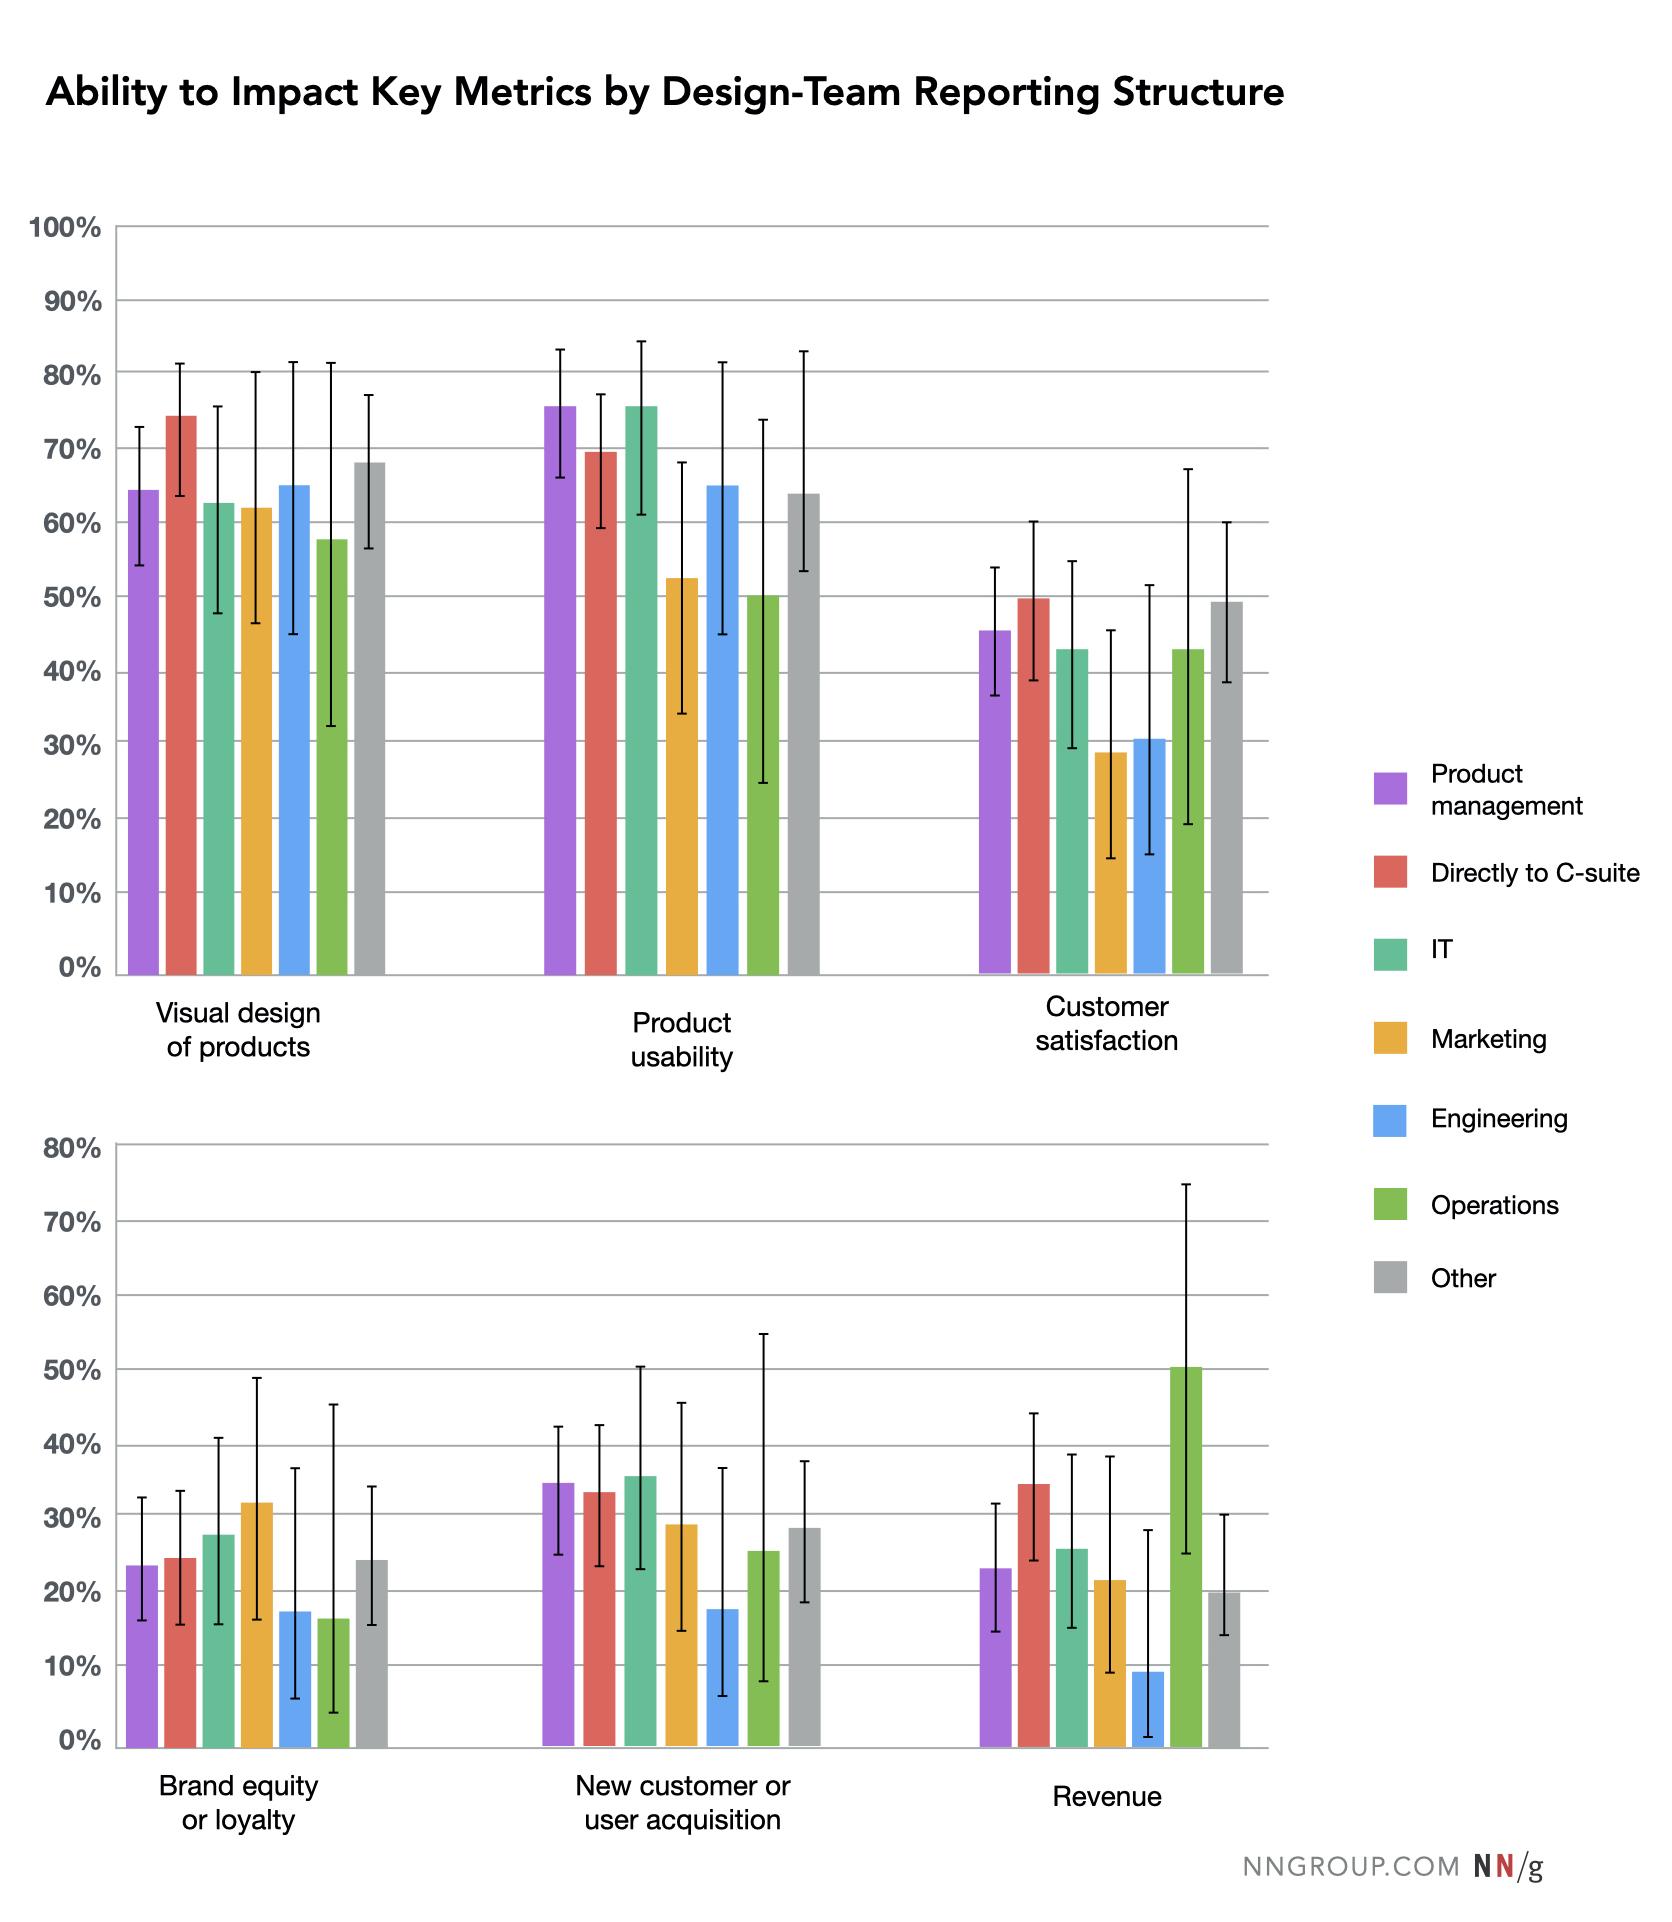 la capacidad de influir en los indicadores clave a través de la estructura de informes